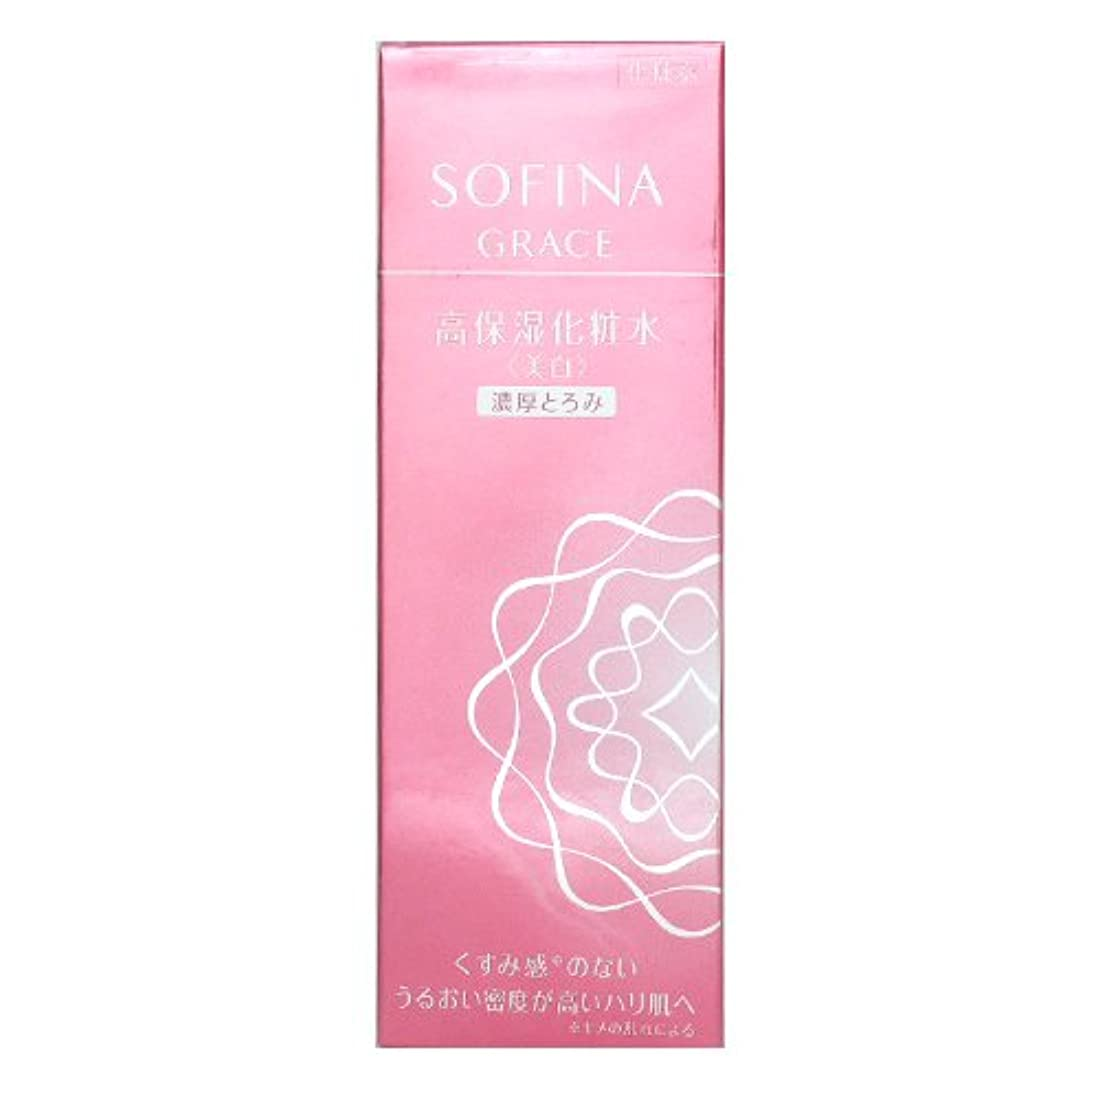 望み不定枯渇する花王 グレイス ソフィーナ 高保湿化粧水 美白 濃厚とろみ 140mL